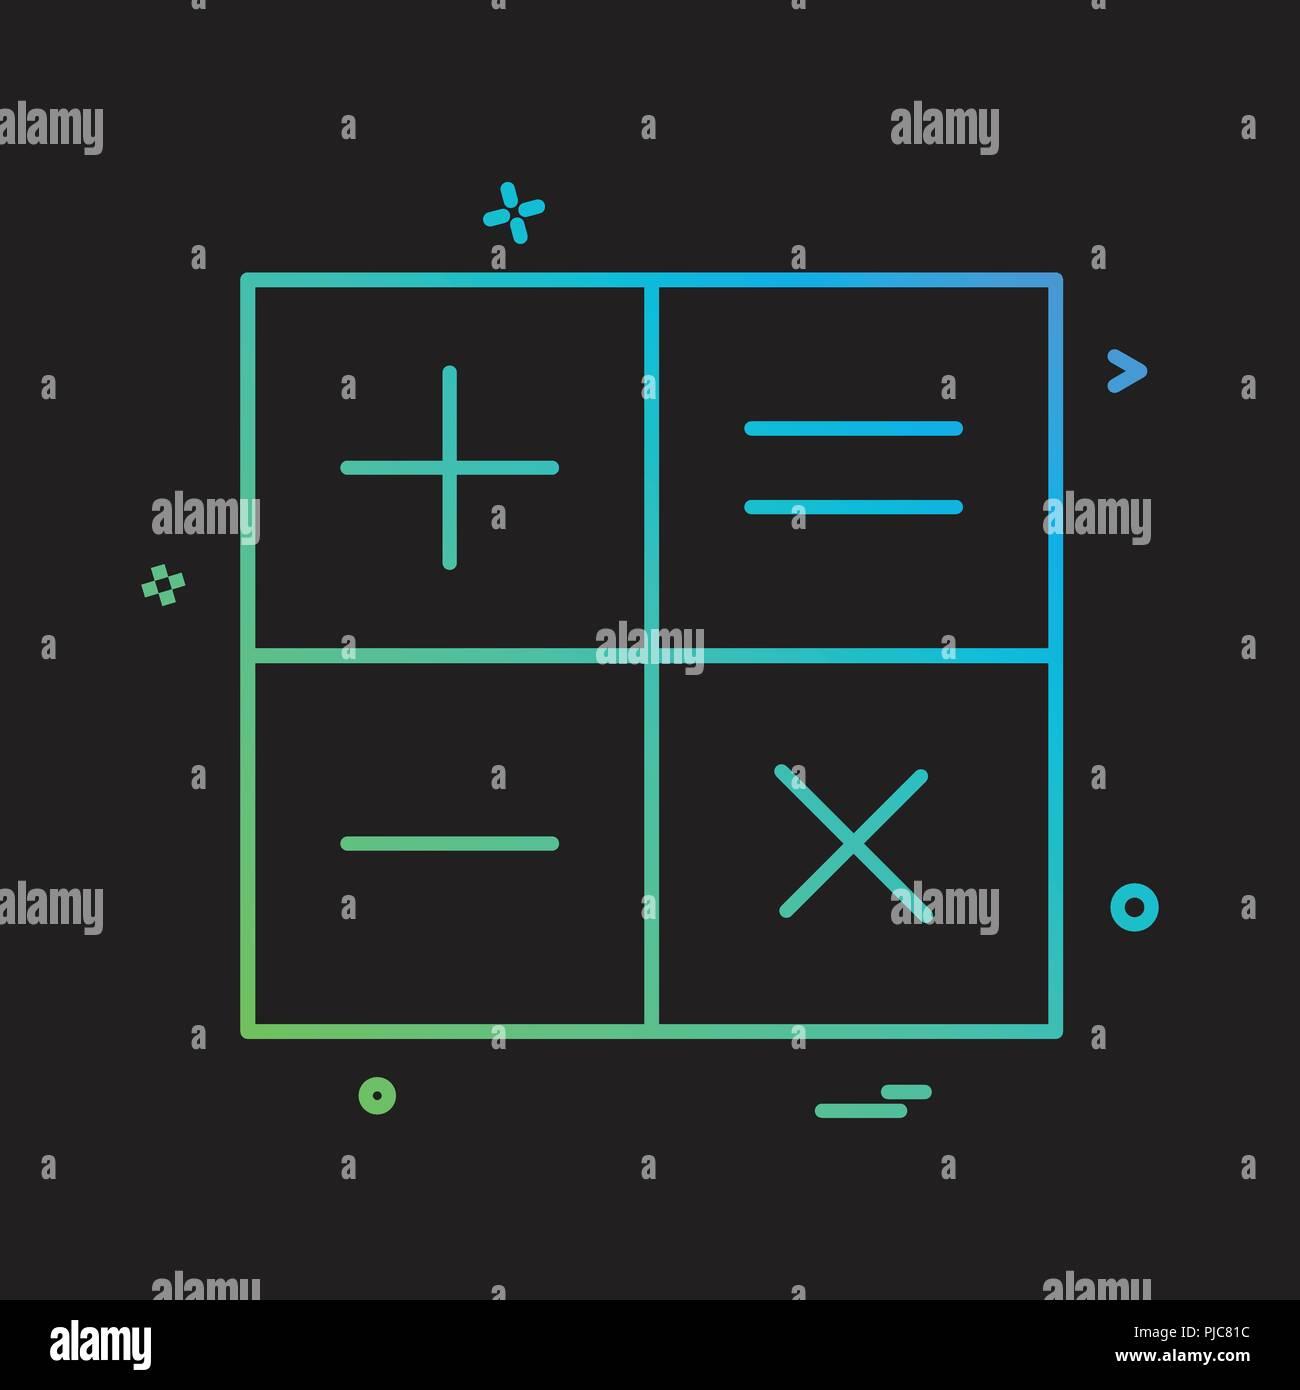 Calcolatrice matematica icona disegno vettoriale Immagini Stock